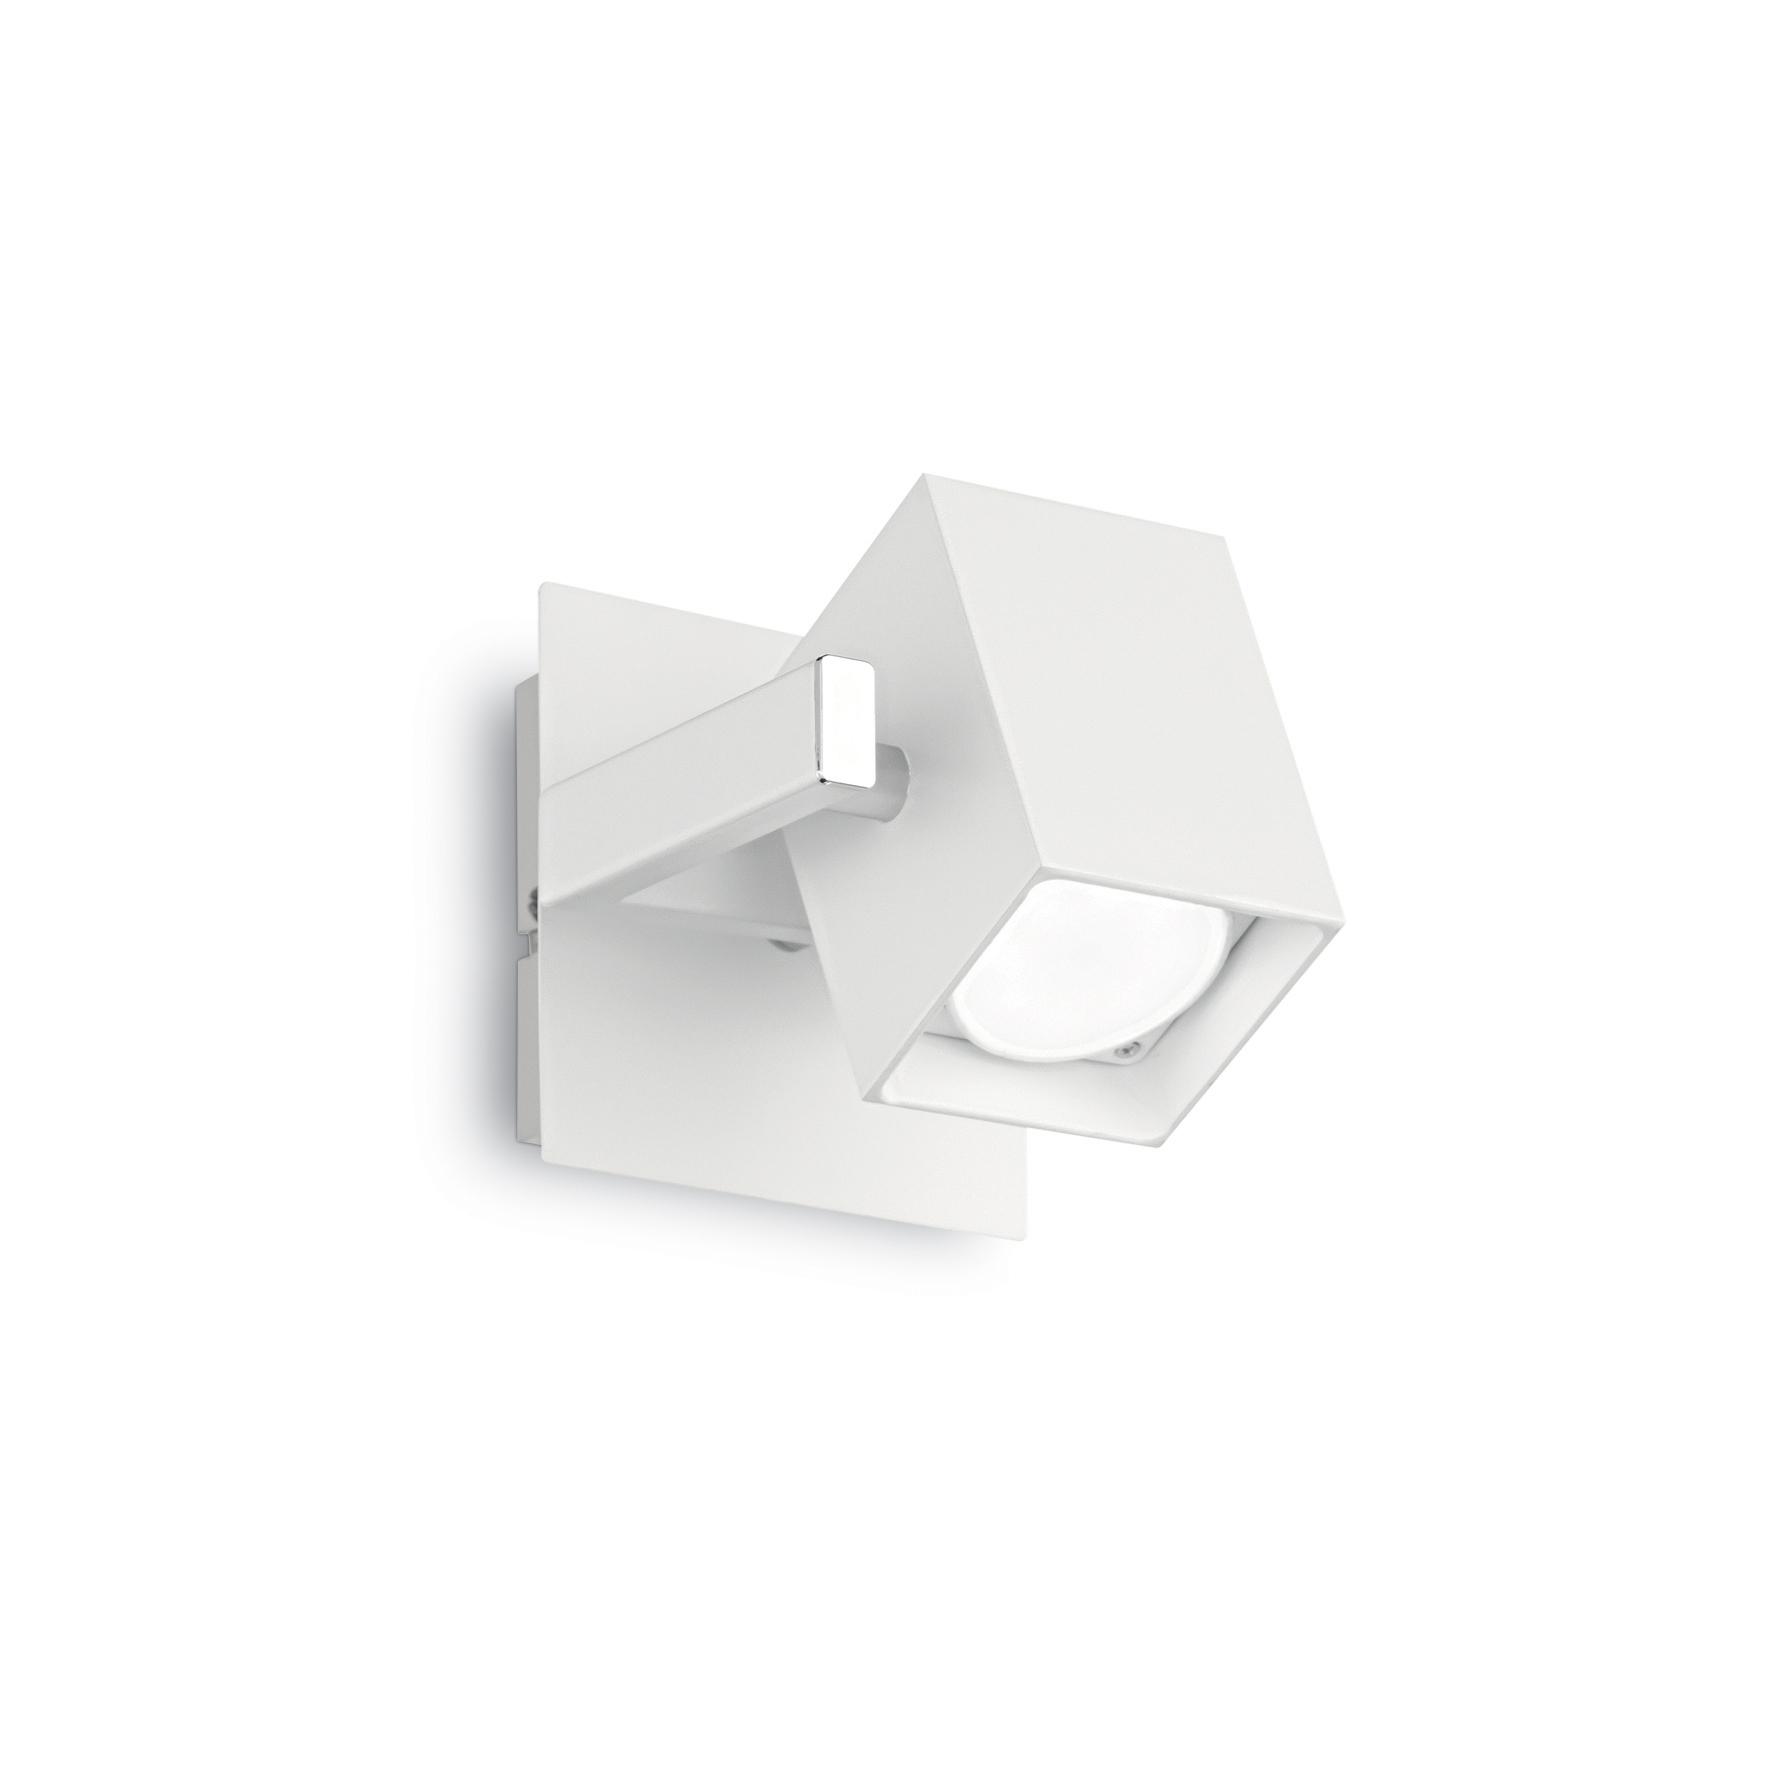 Aplica Mouse AP1 White imagine